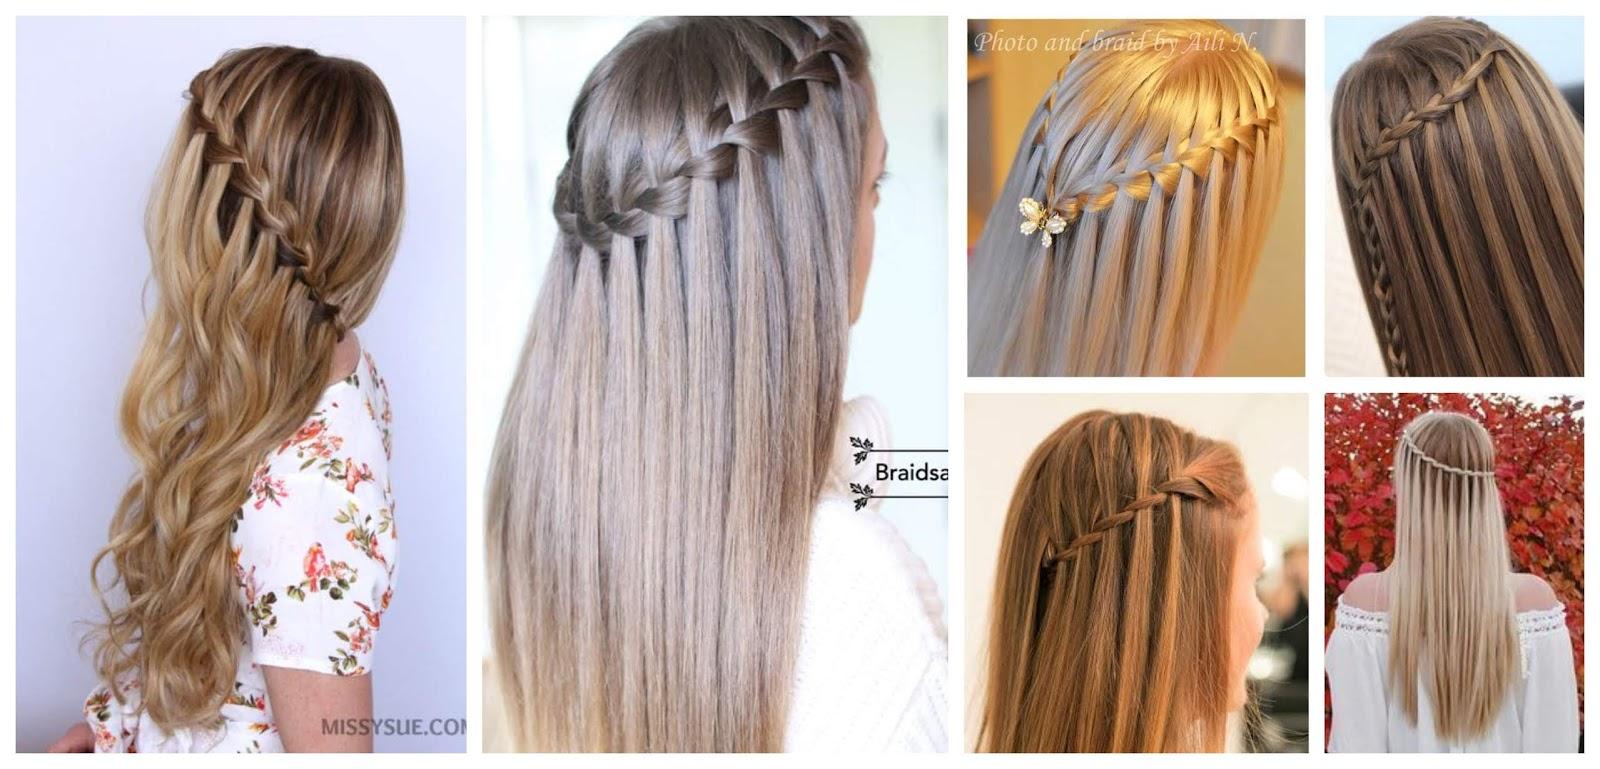 Extremadamente atractivo como hacer peinados Galeria De Cortes De Pelo Tendencias - Aprende cómo hacer el peinado cascada con 5 Looks que te ...